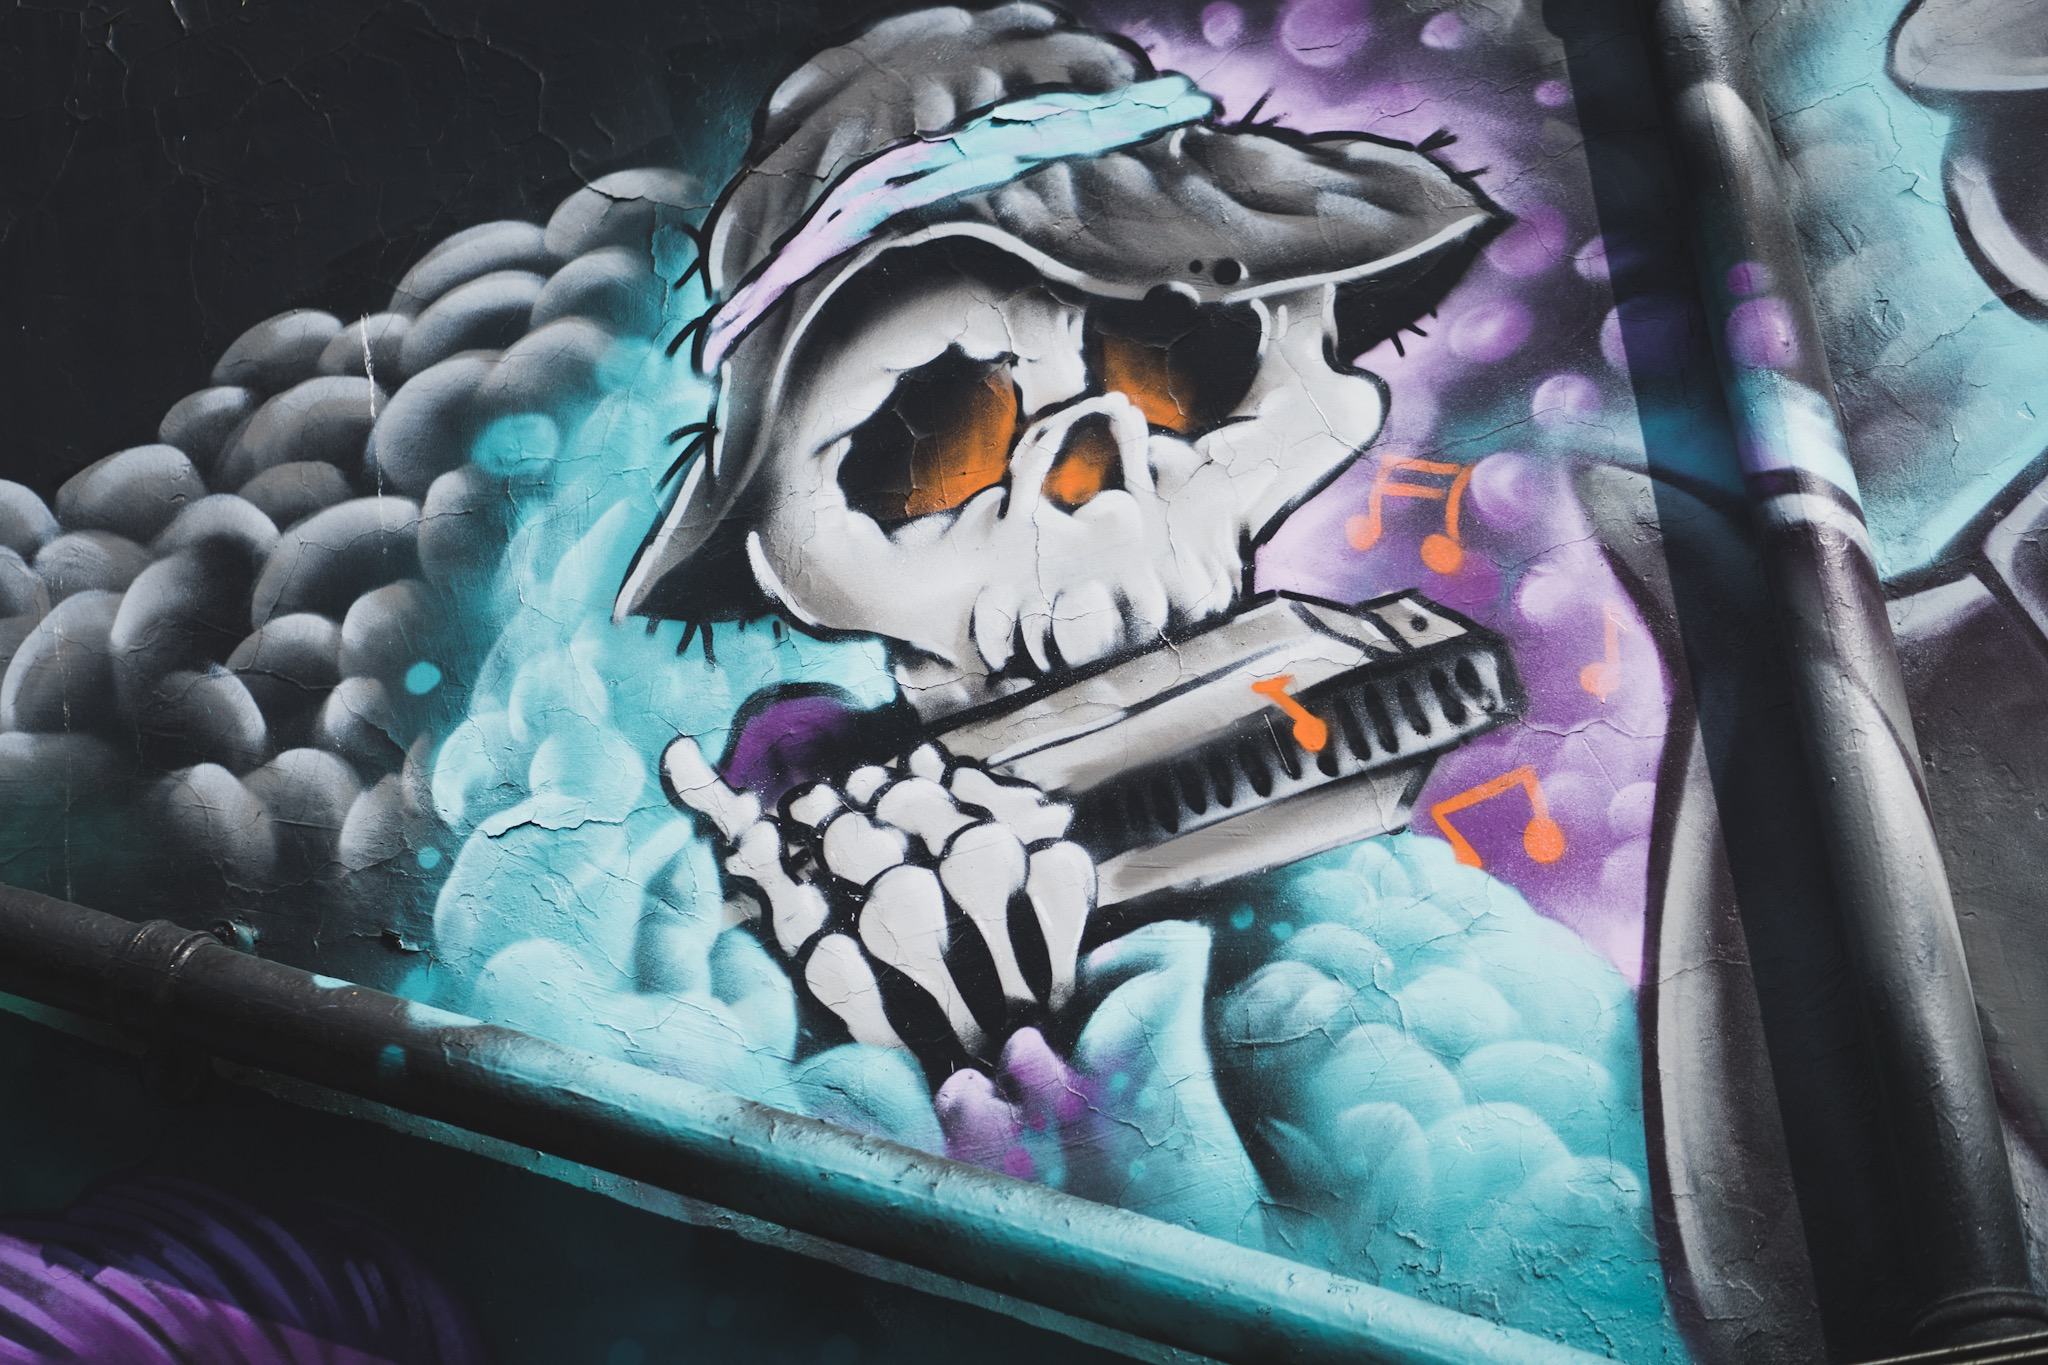 53693 fond d'écran 320x480 sur votre téléphone gratuitement, téléchargez des images Squelette, Musique, Art, Graffiti, Chapeau 320x480 sur votre mobile